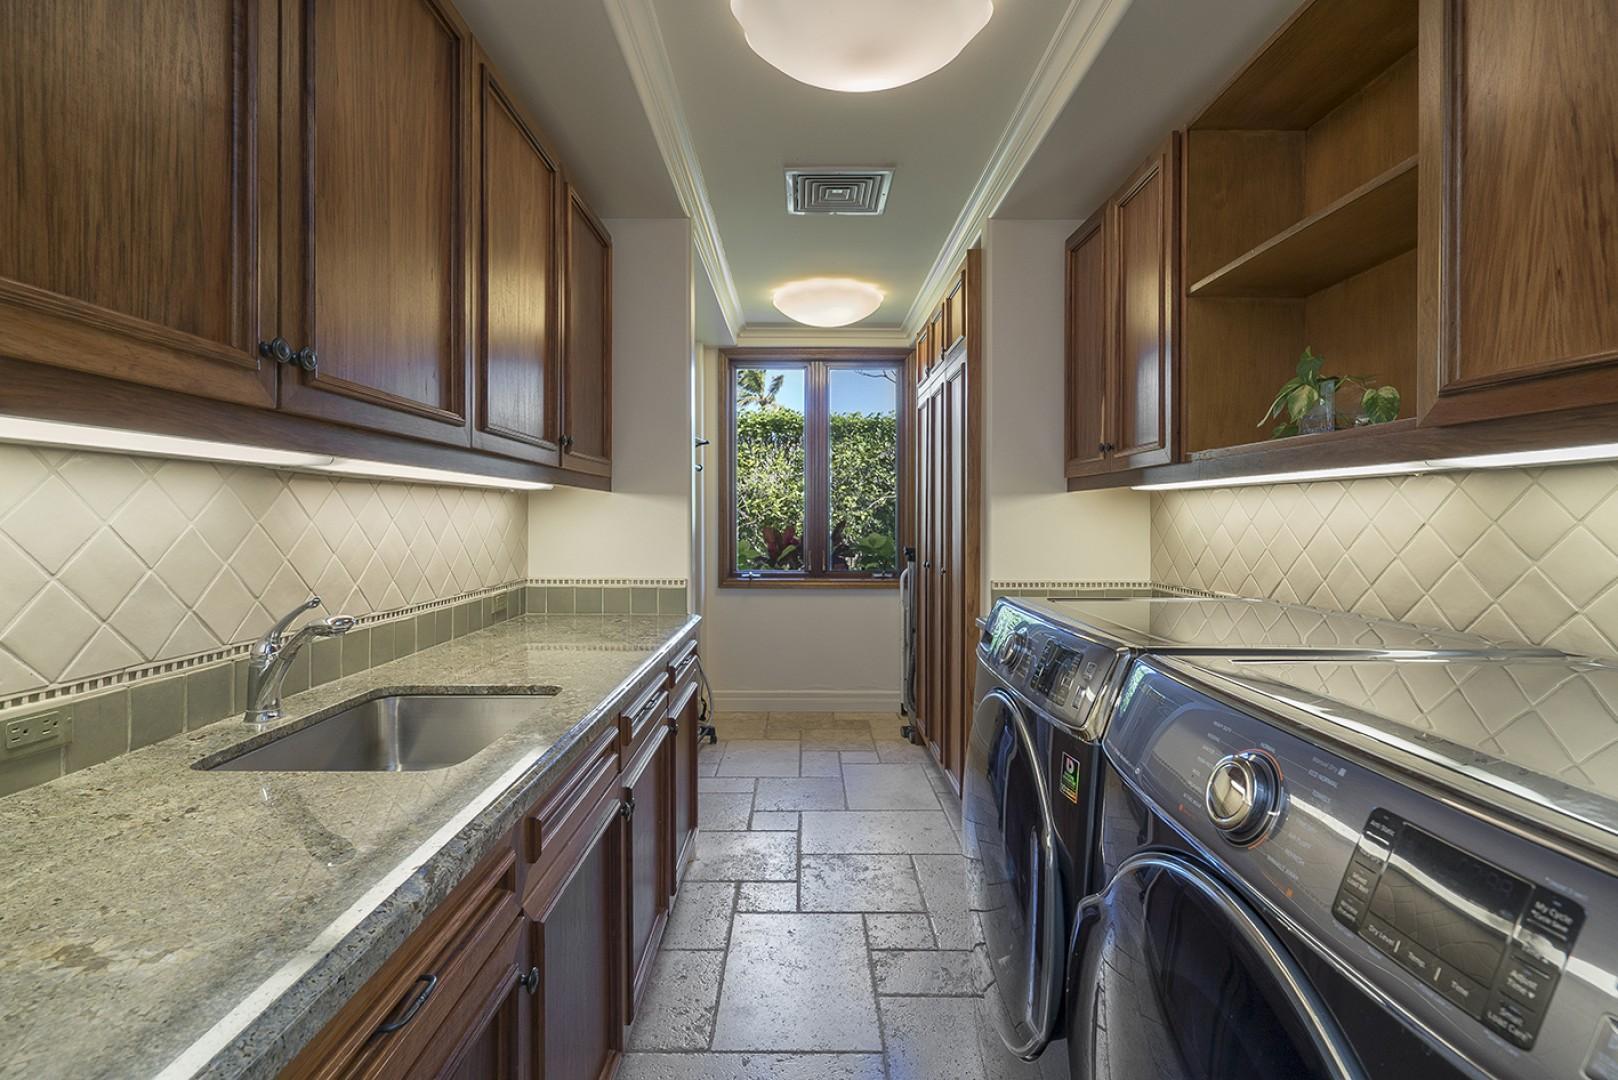 Main house: Laundry Room